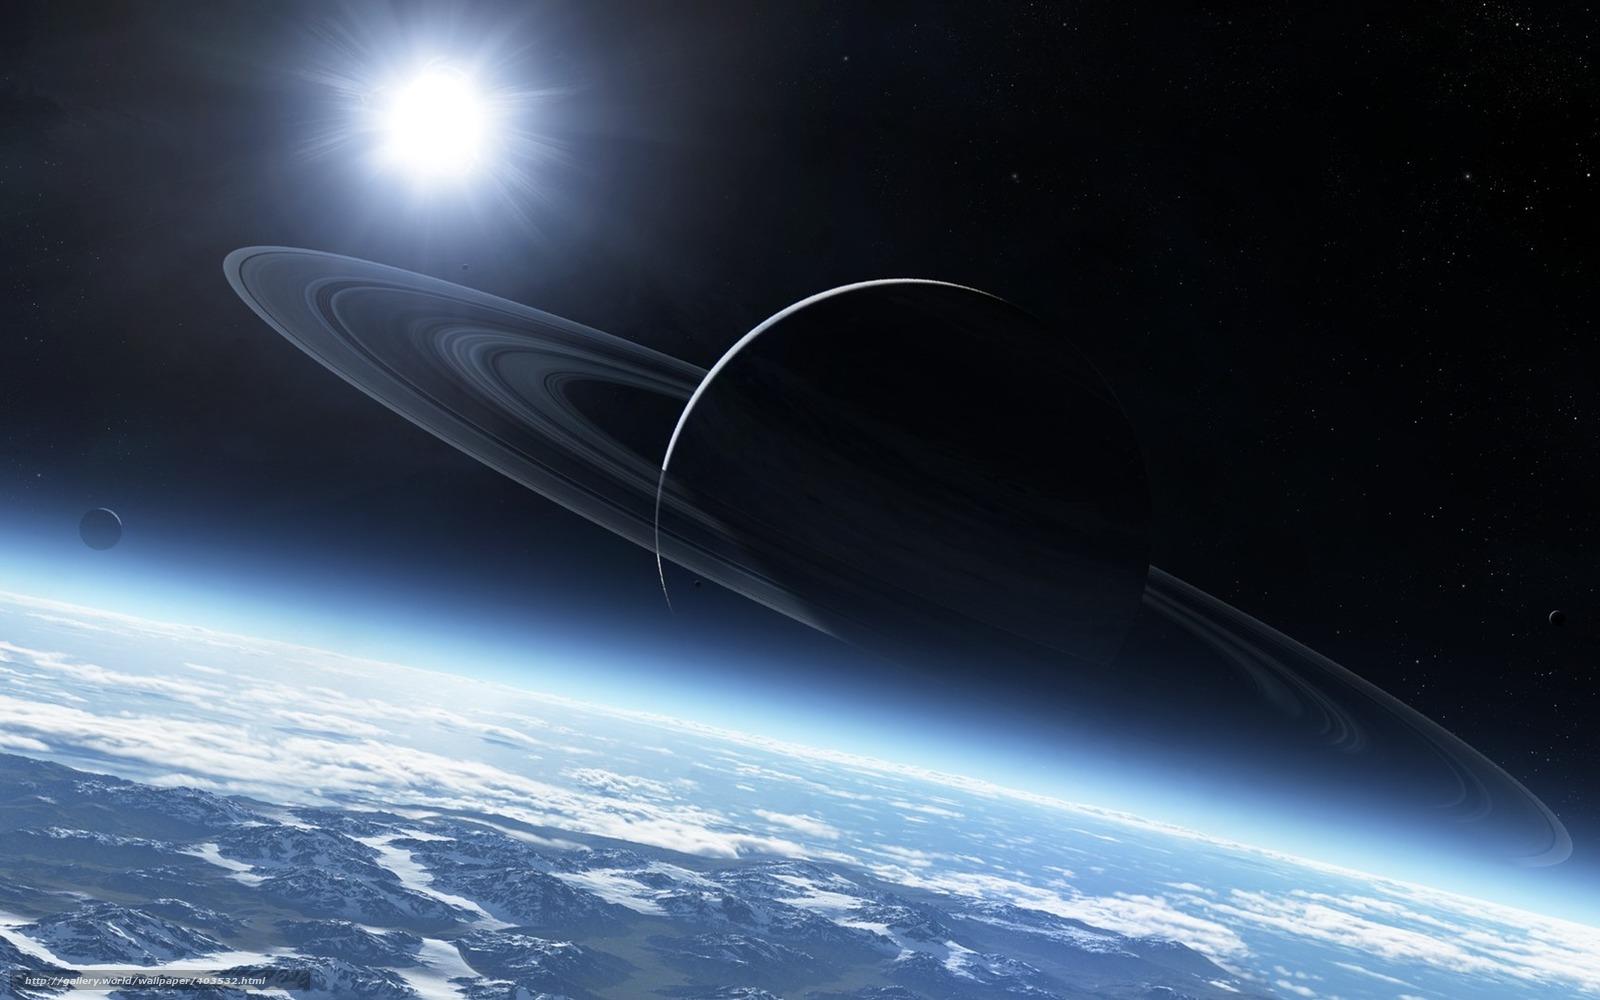 Скачать обои планеты космос звезды